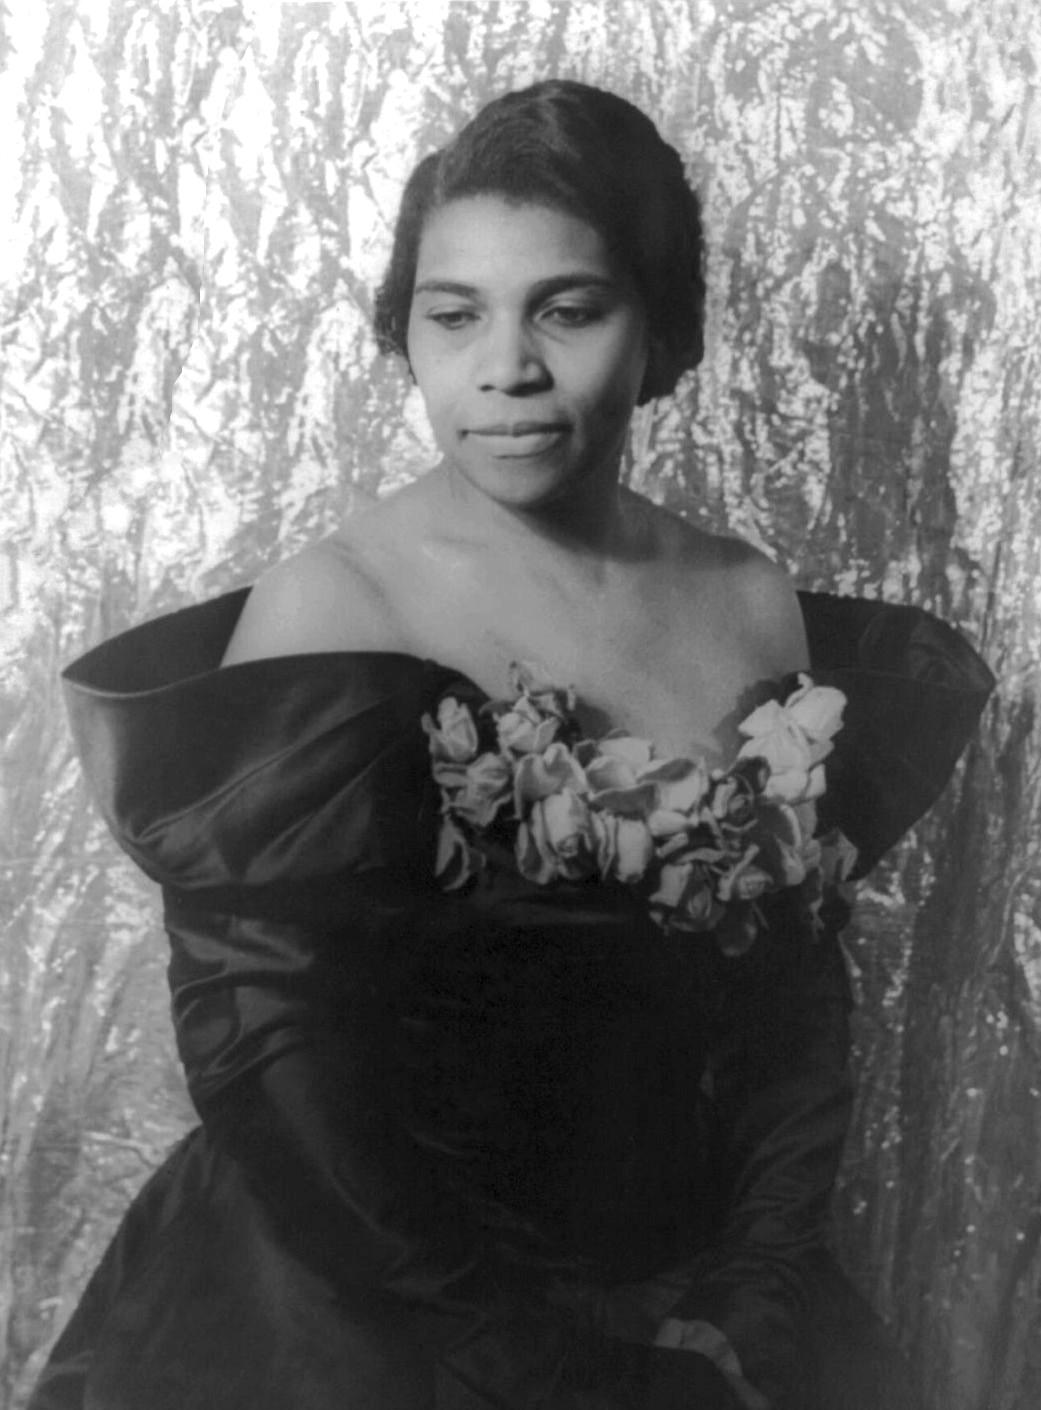 Sommereggers Klassikwelt 83: Marian Anderson – Die Sängerin, die Geschichte schrieb